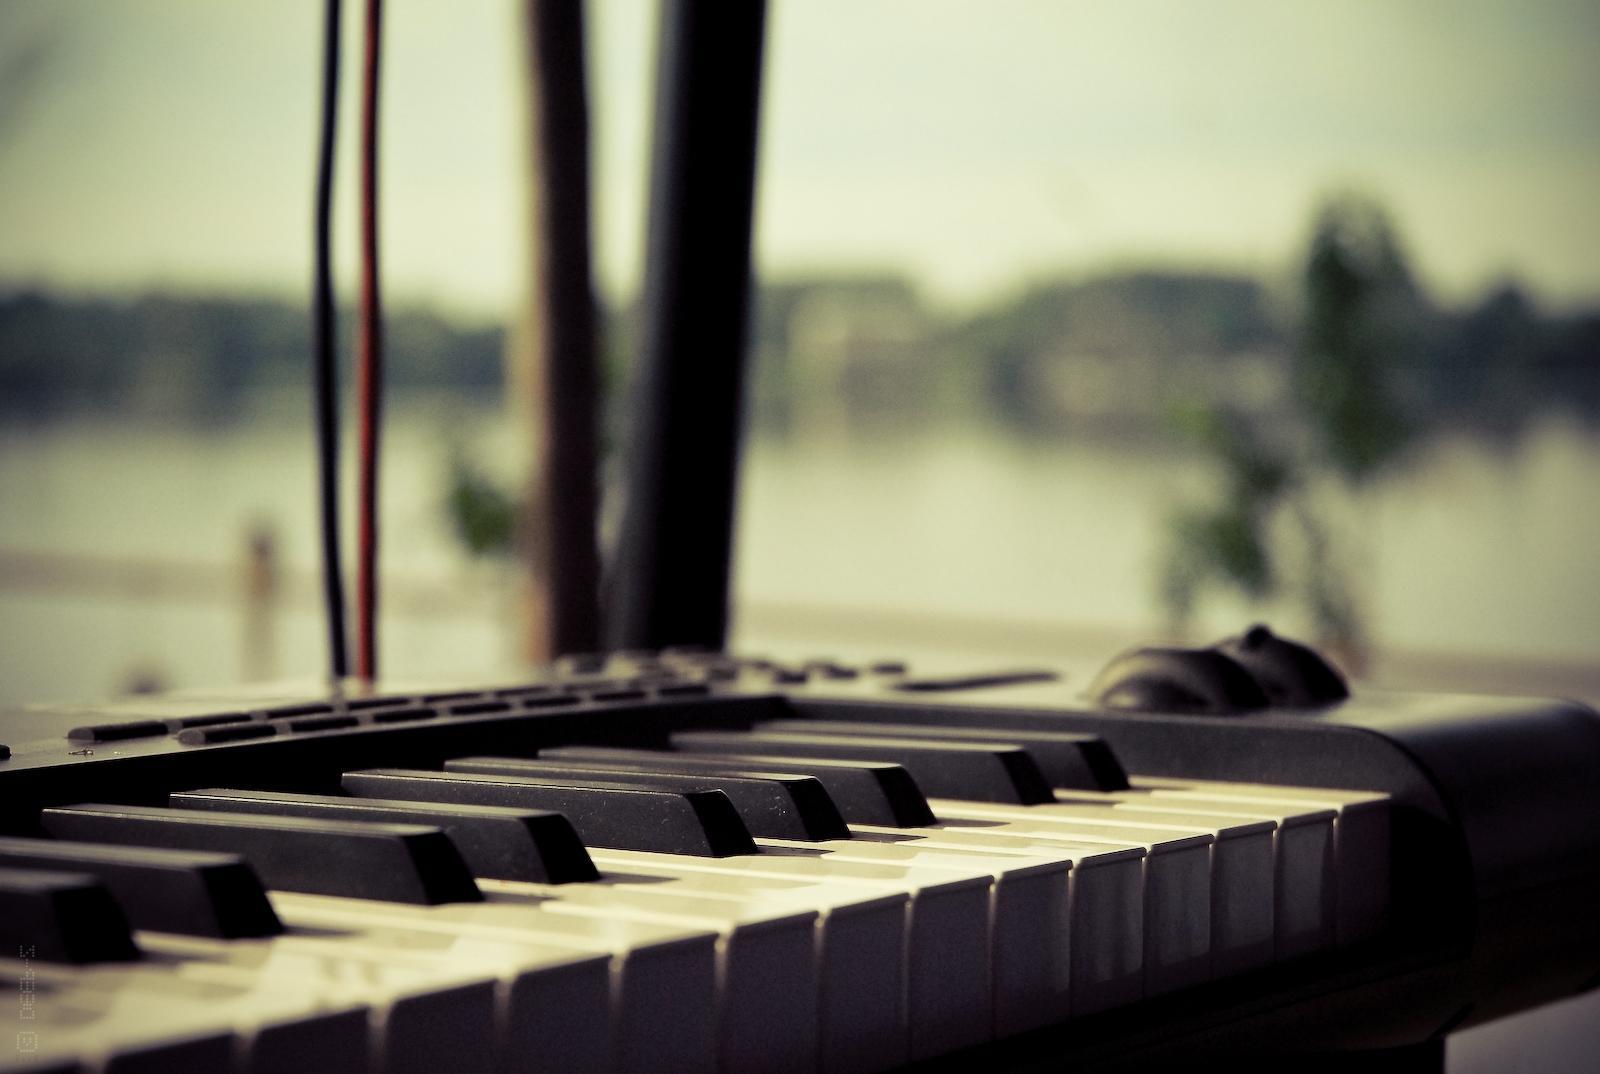 Music Keyboard Wallpaper Posted By Samantha Mercado